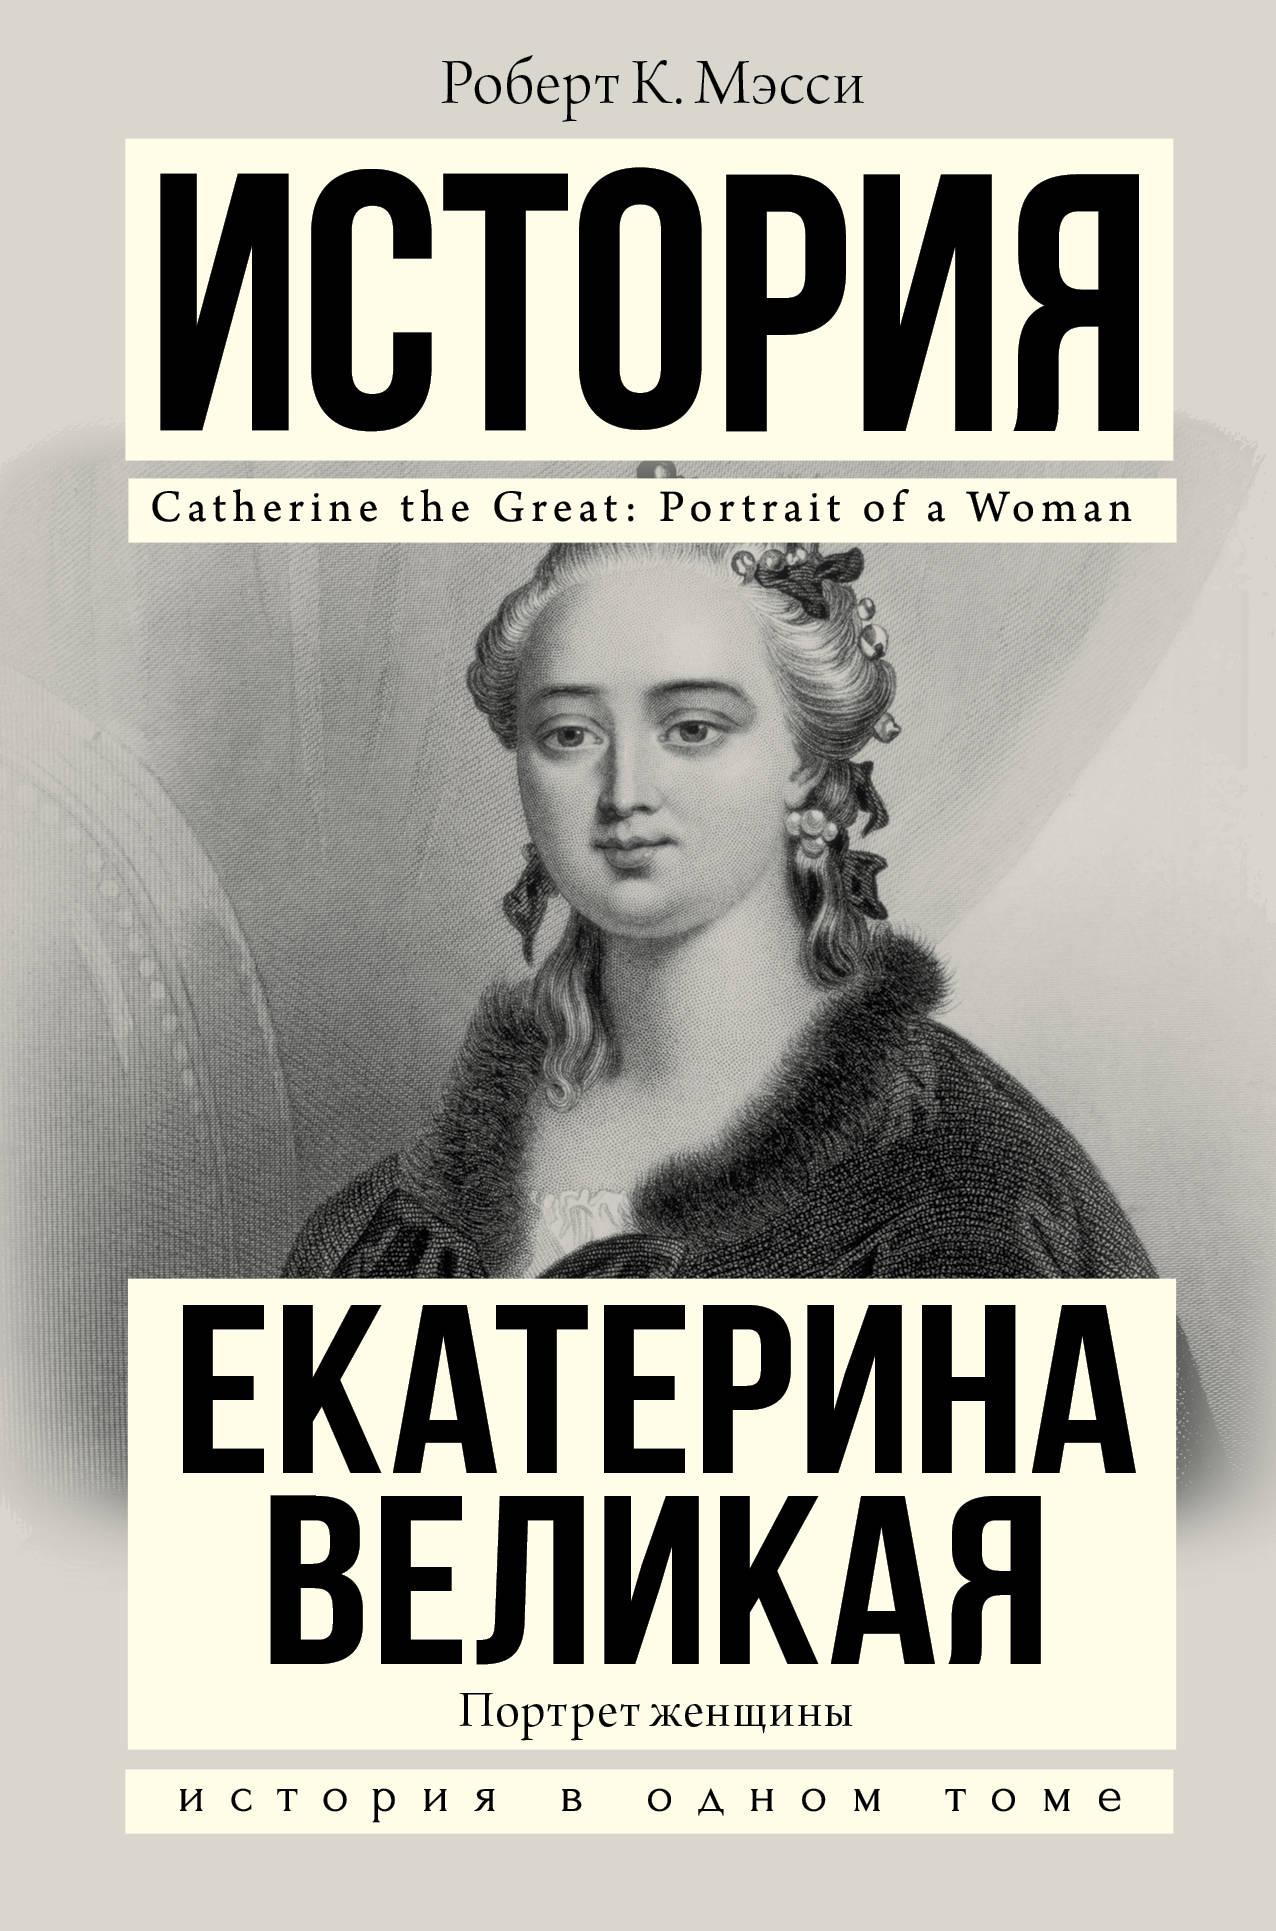 Роберт К. Мэсси Екатерина Великая